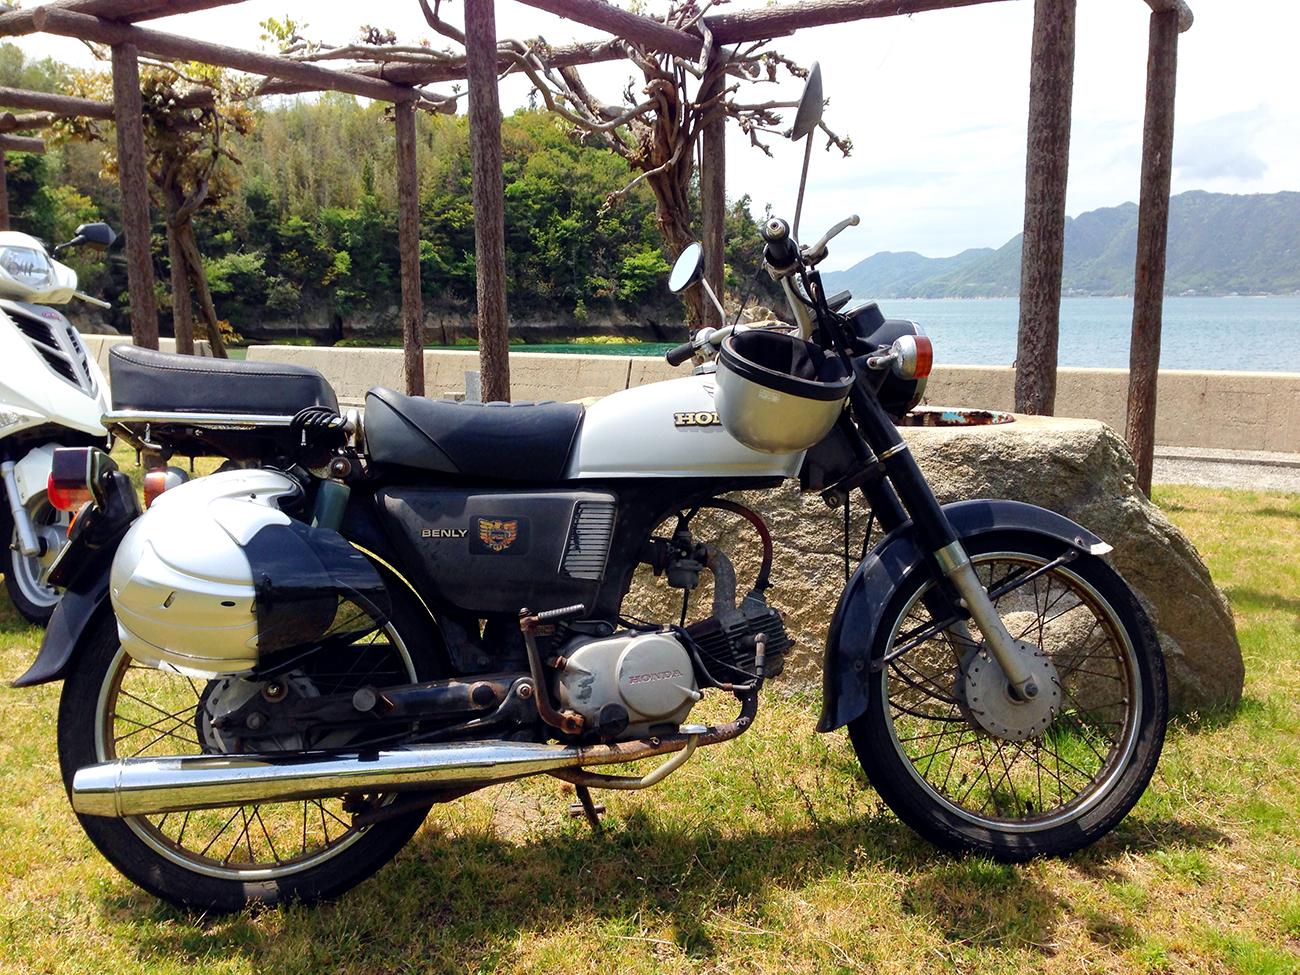 しまなみ街道ツーリングで乗せてもらった年代物のバイク